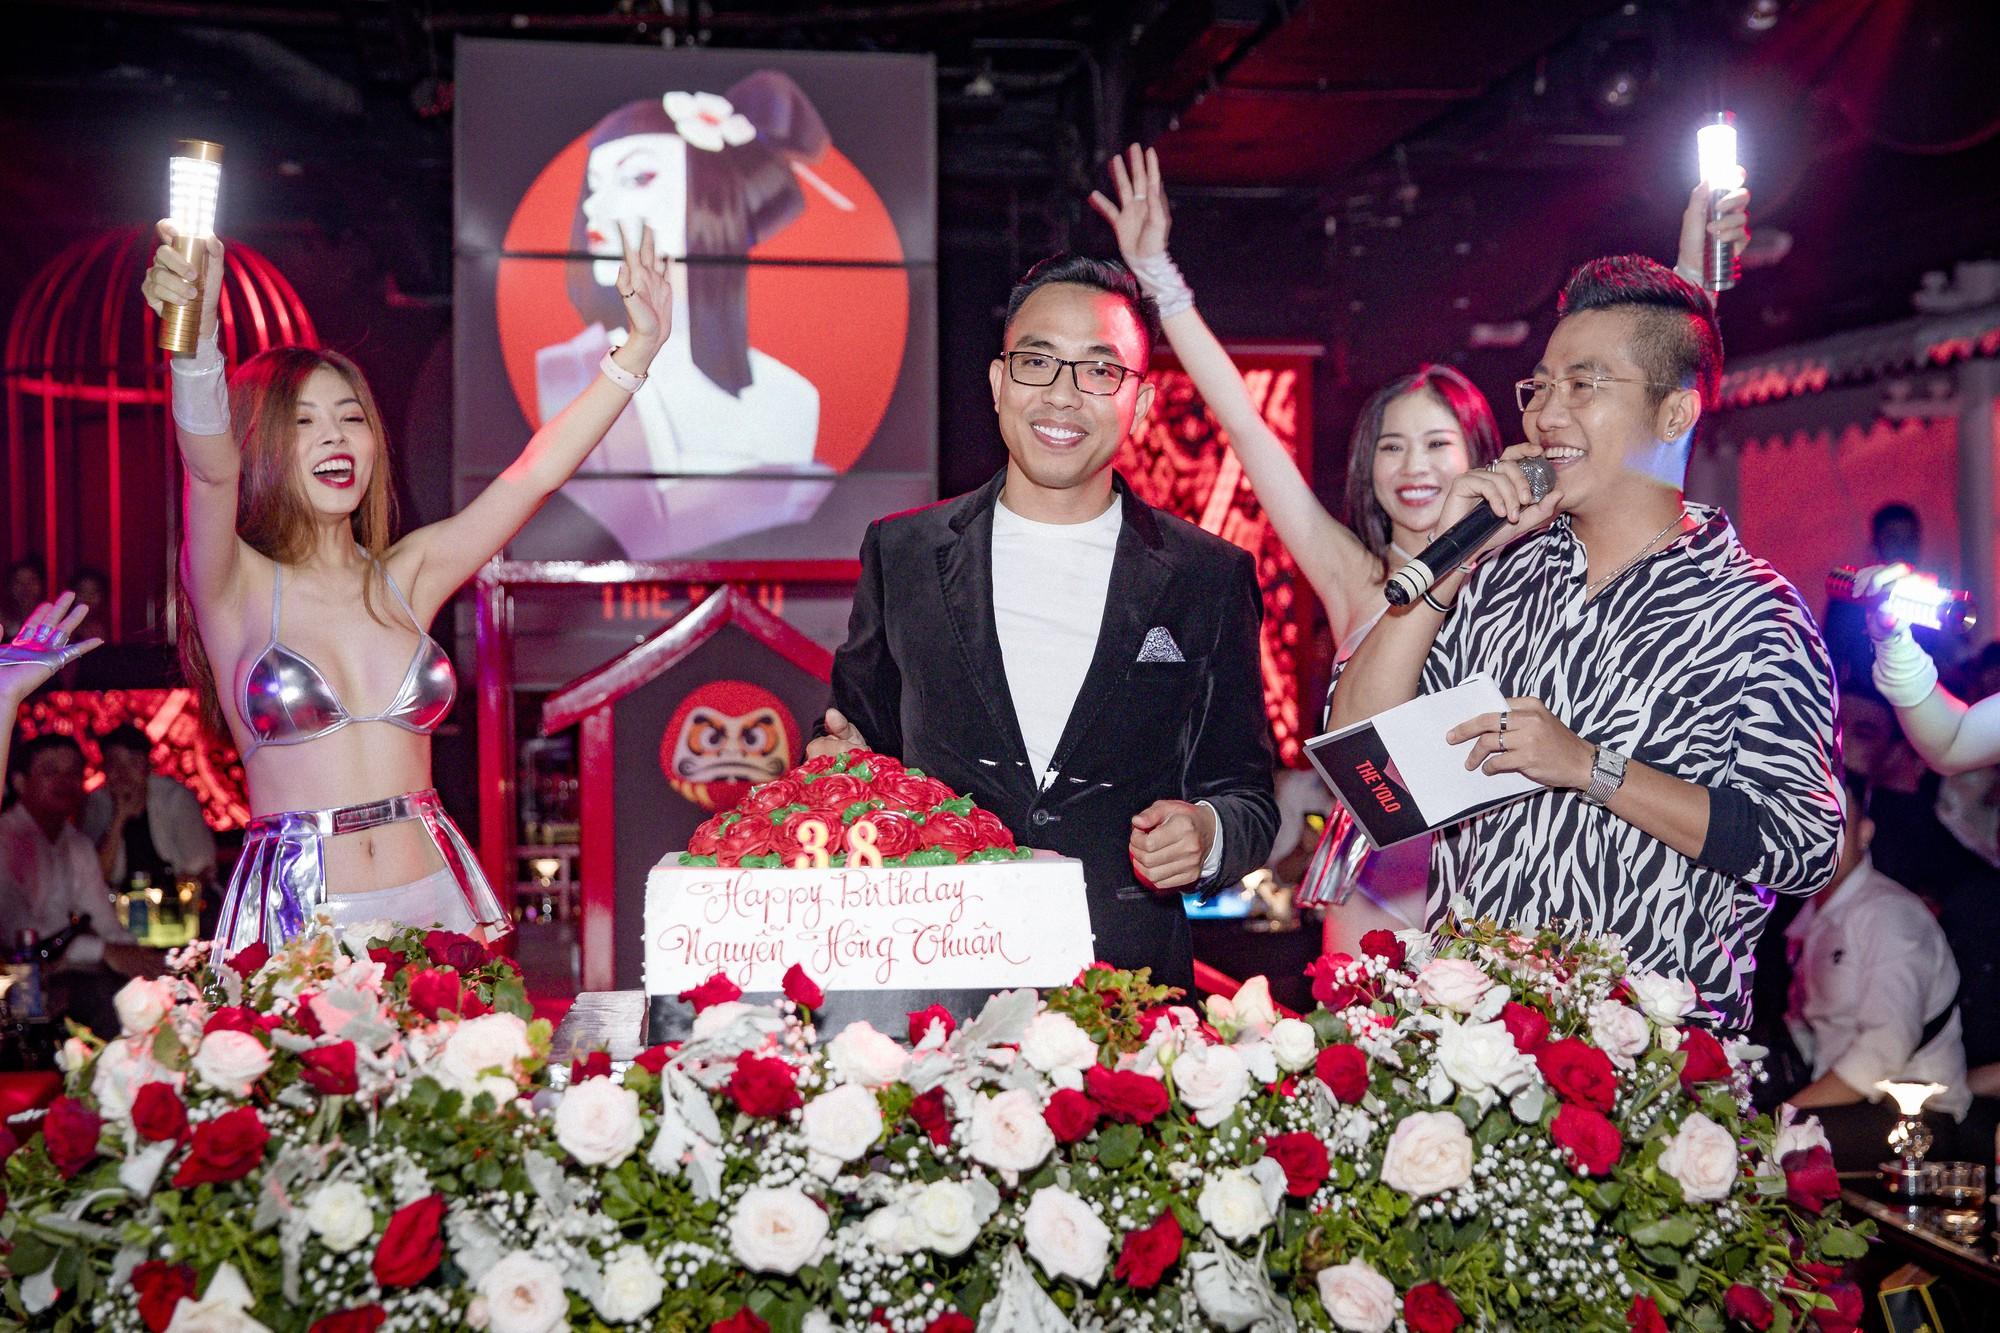 Thực hư chuyện nhạc sĩ Nguyễn Hồng Thuận chi tới 1,3 tỷ làm tiệc sinh nhật mời bạn bè nghệ sĩ - Ảnh 2.